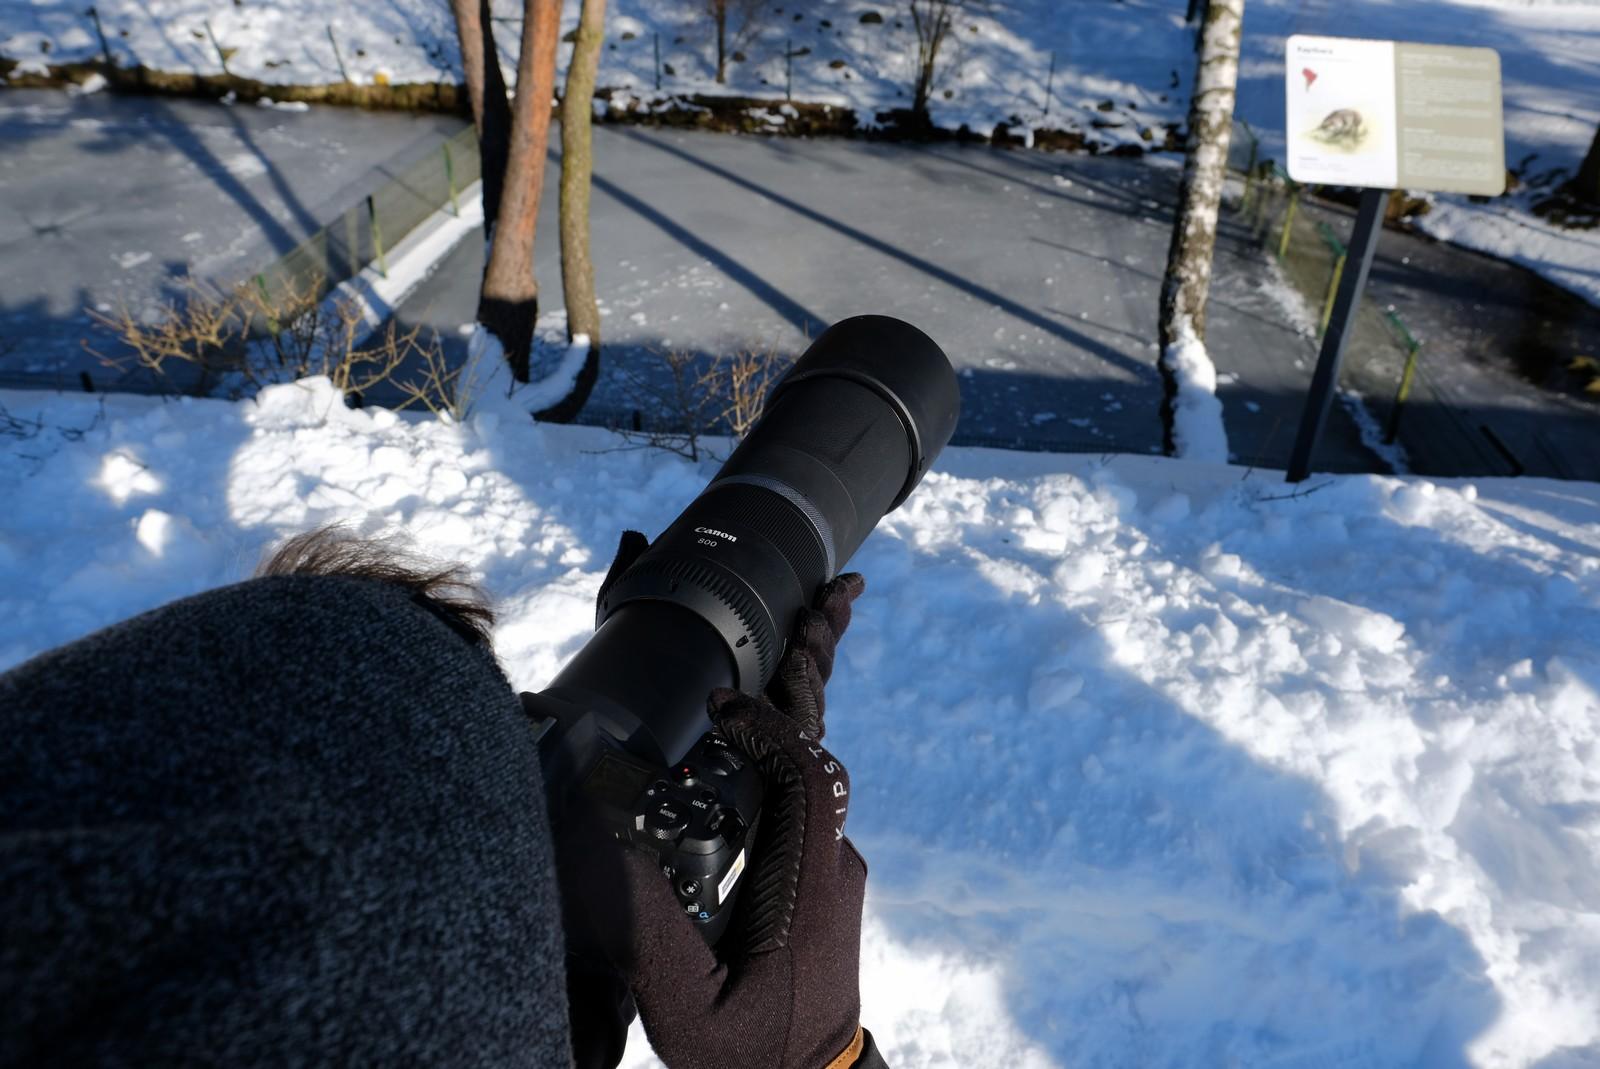 Obiektyw RF 800 f/11 w akcji Fot. Jarosław Respondek